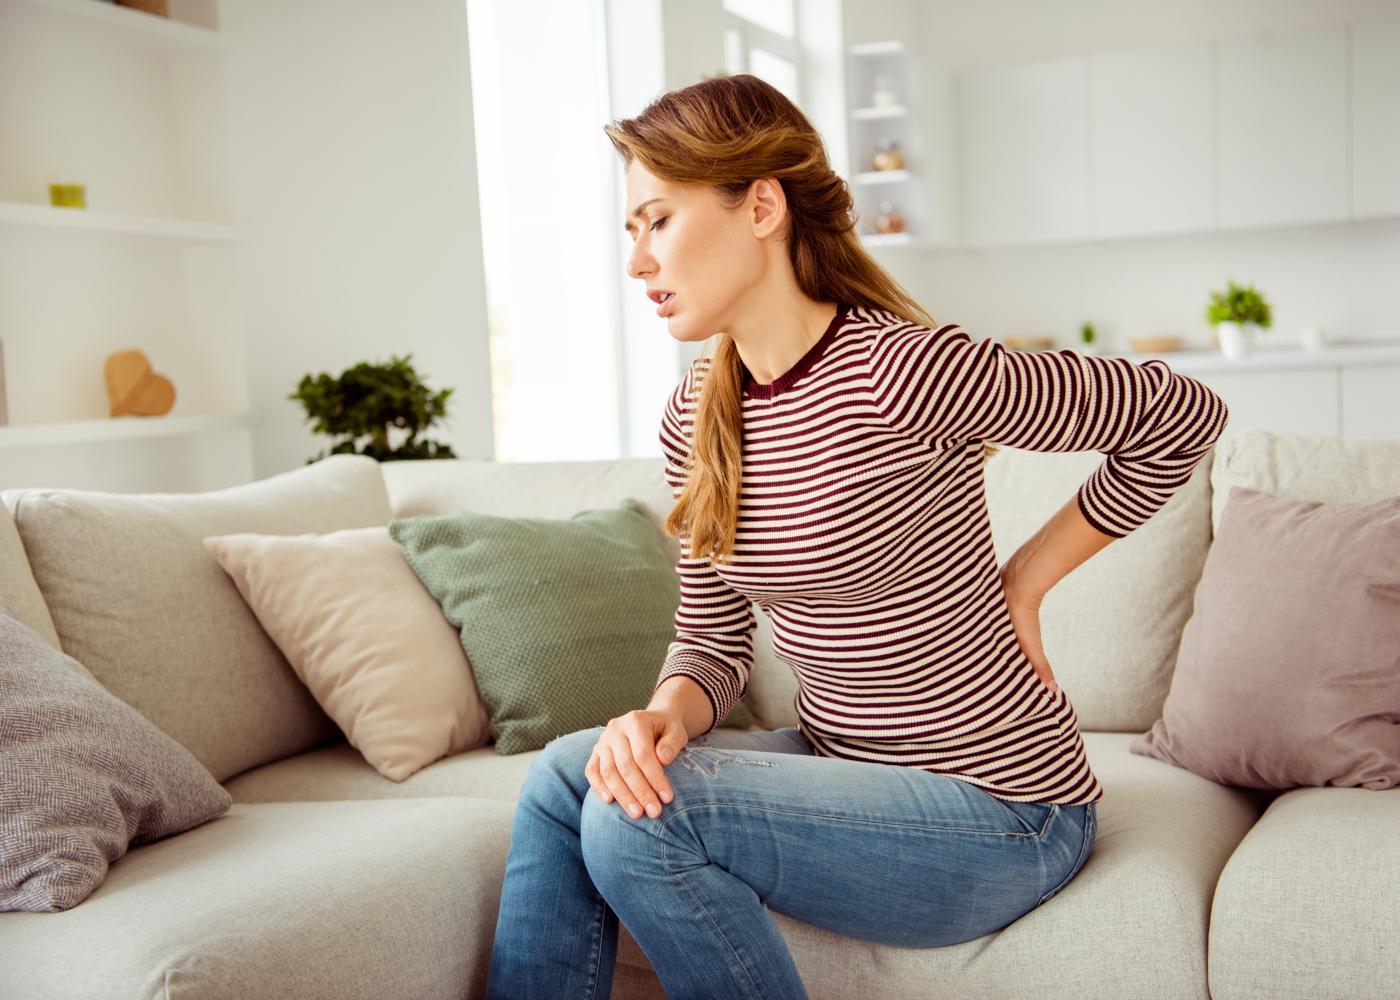 Jovem no sofá com lombalgia